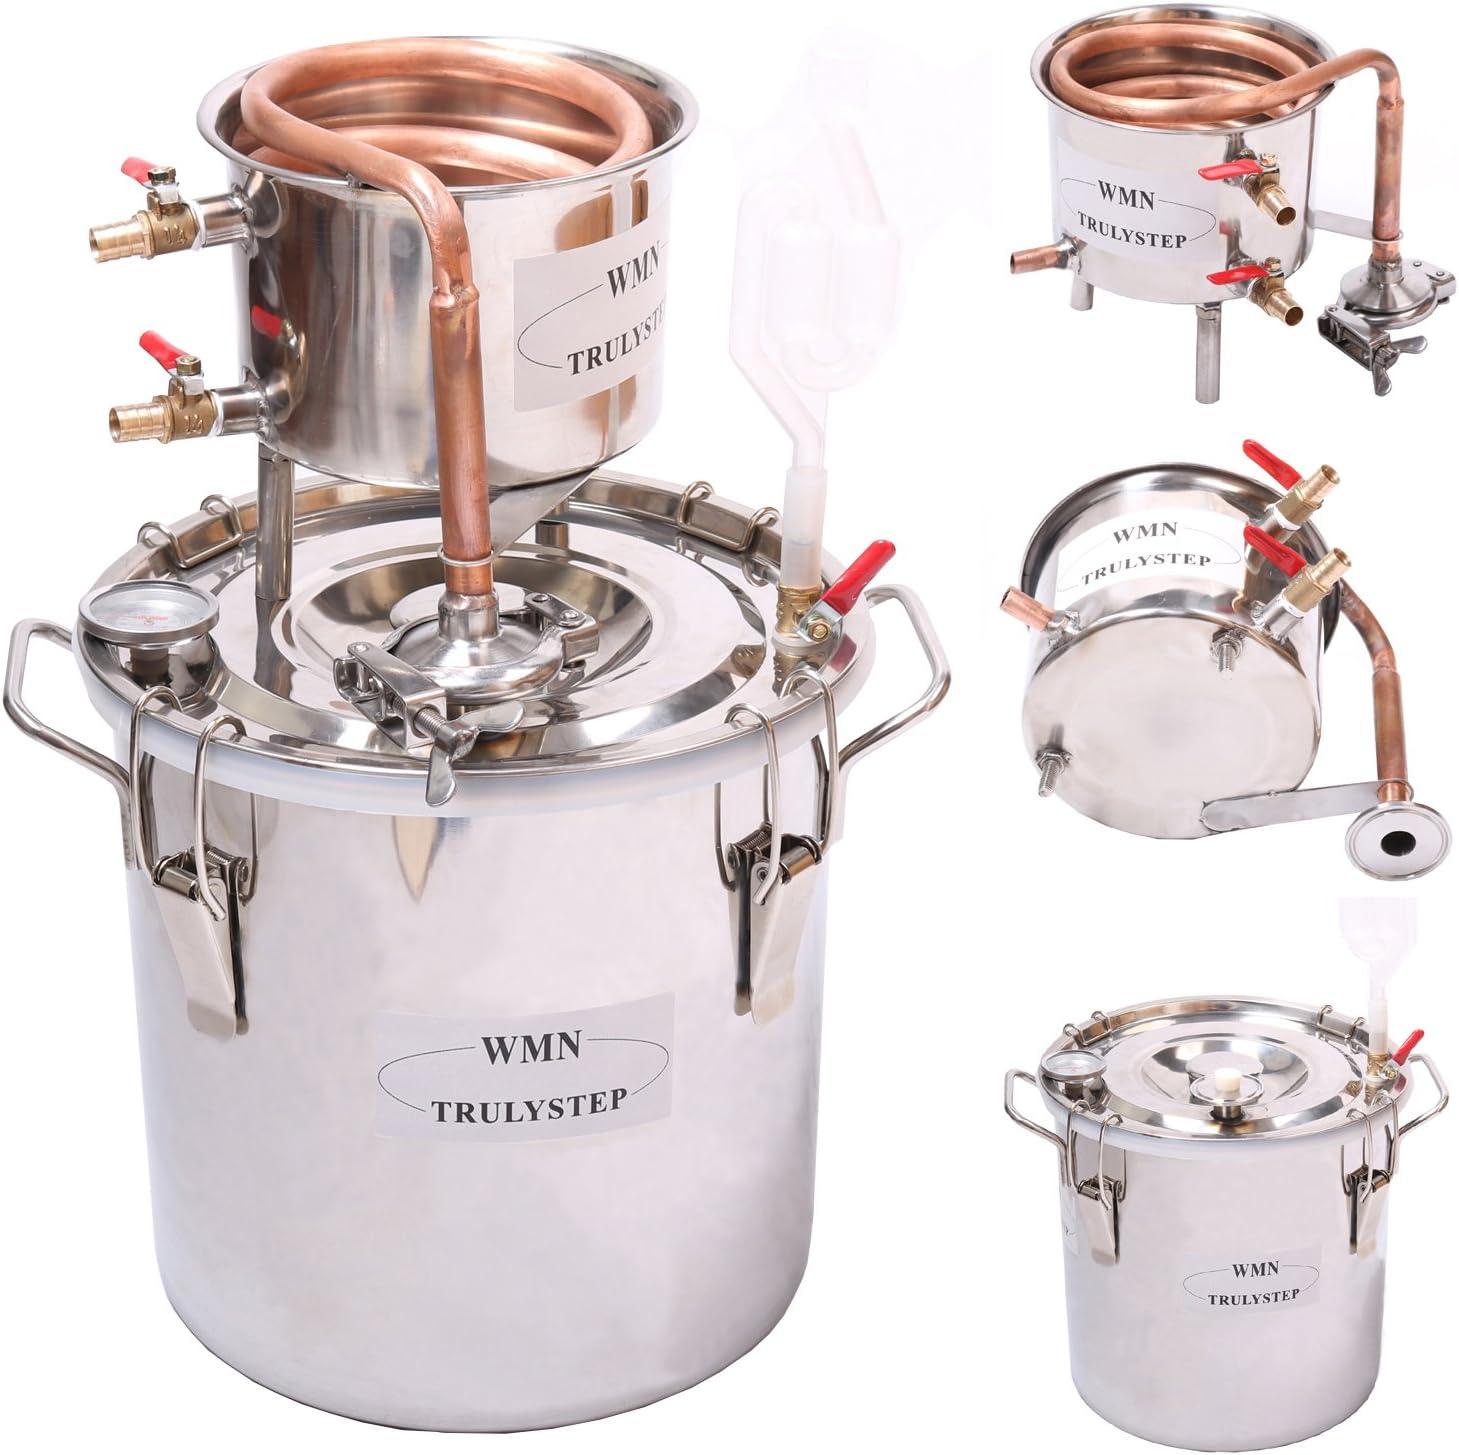 30L Kit de destilación de para el hogar destilador de cobre; para la elaboración casera de vino, alcohol, cerveza o destilación de agua